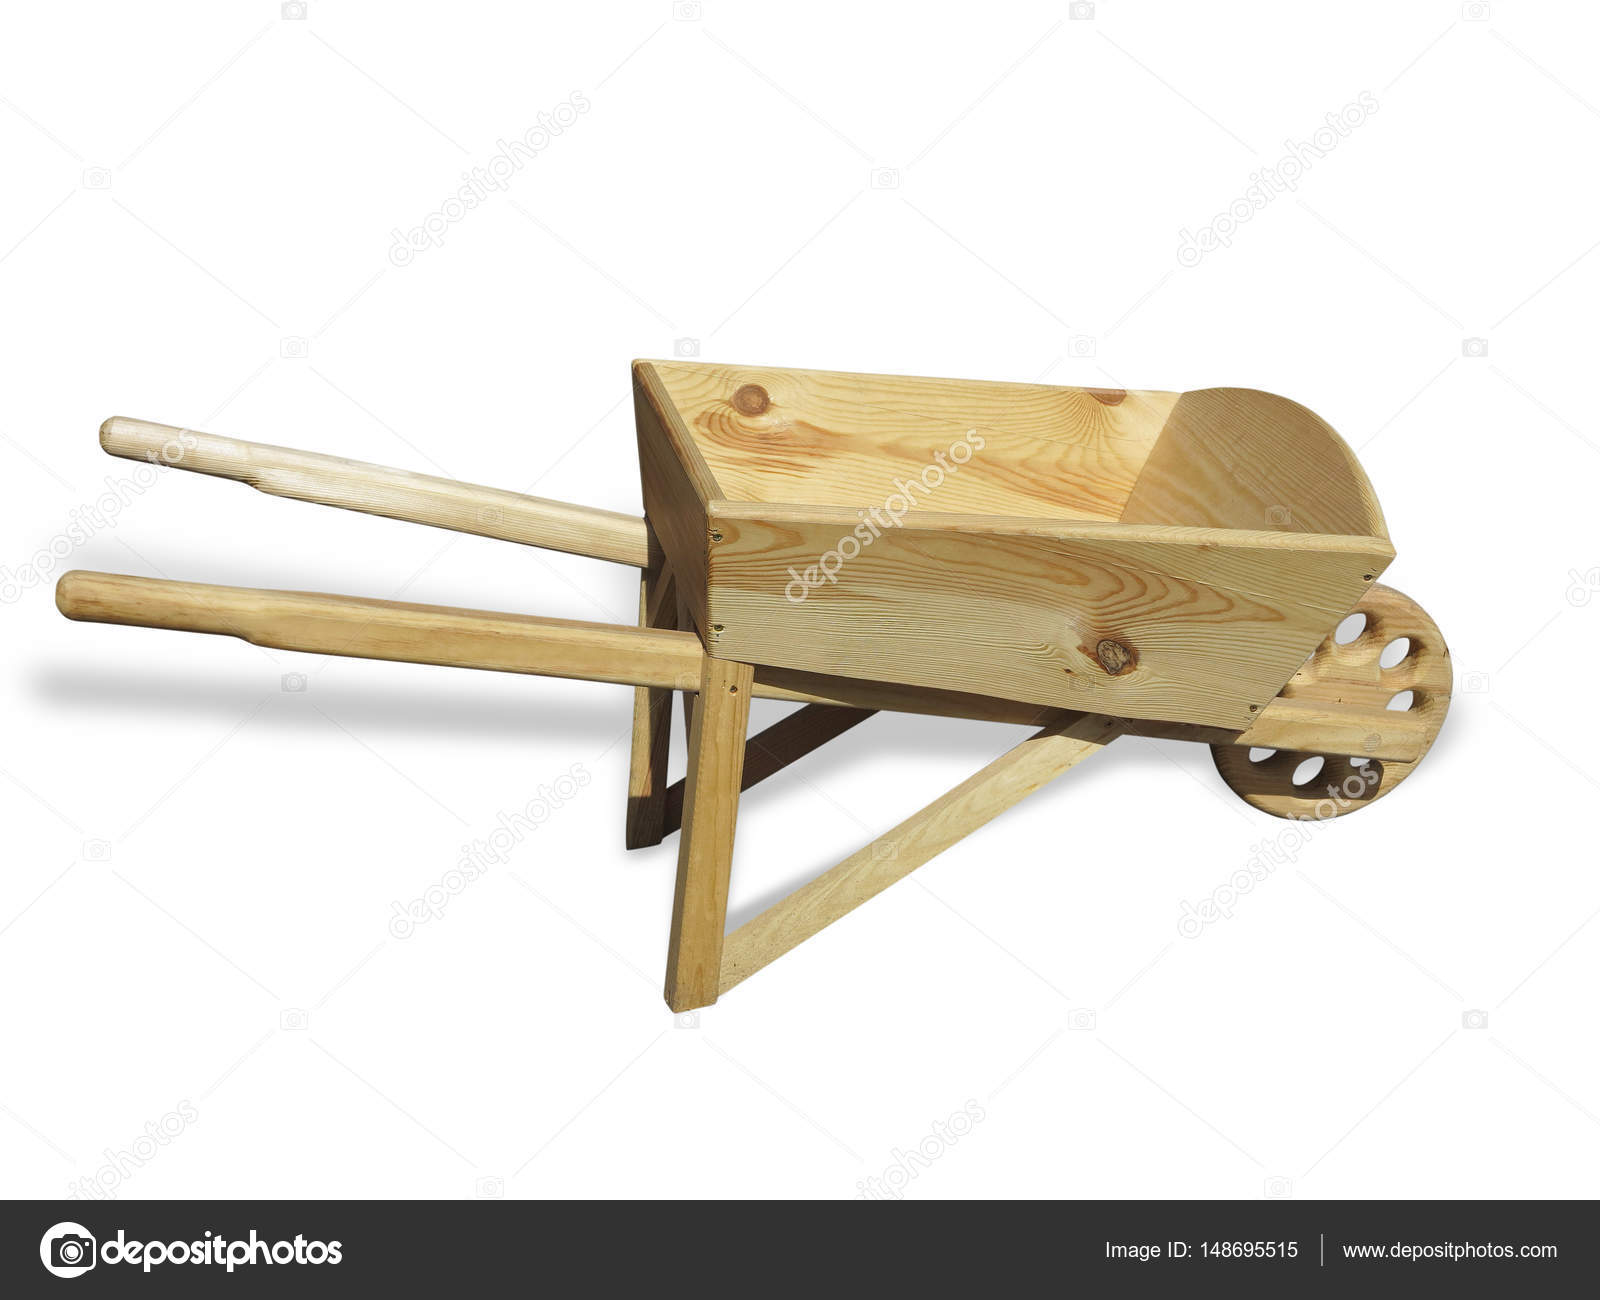 Carrello vuoto carriola di legno per il giardino isolato sopra bianco foto stock arogant - Carriola in legno da giardino ...